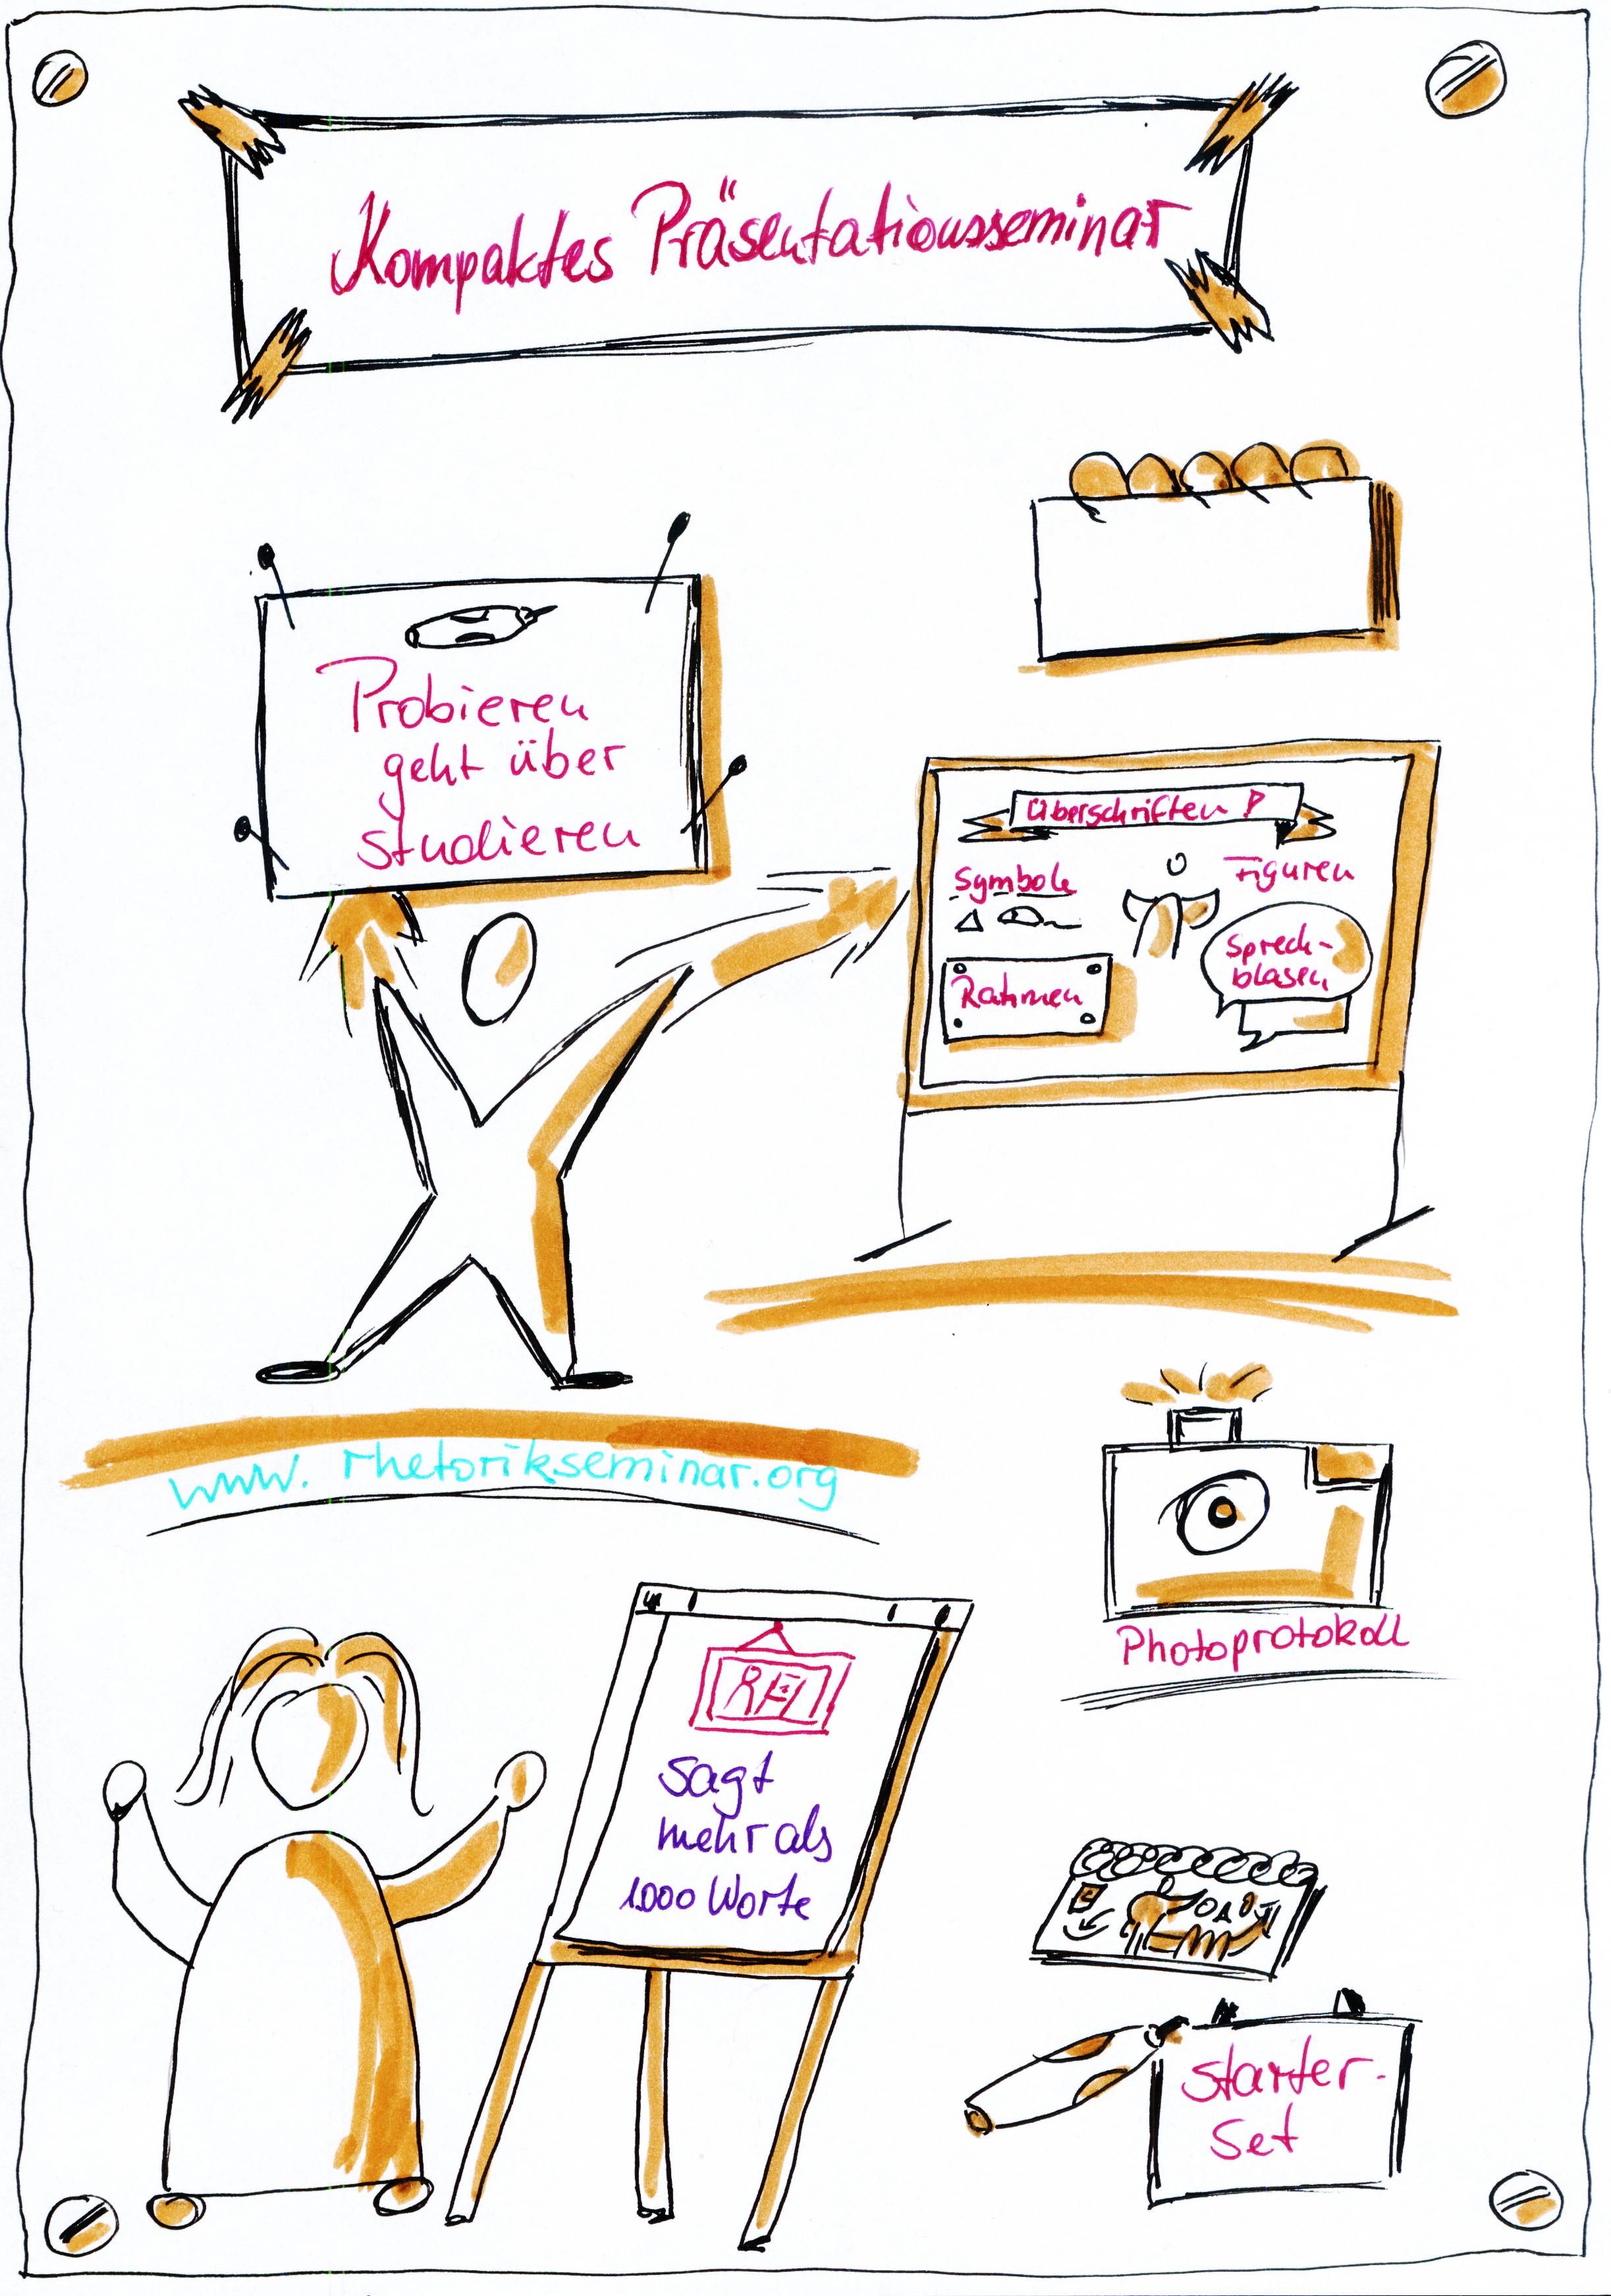 offenes Kompaktes Präsentationsseminar